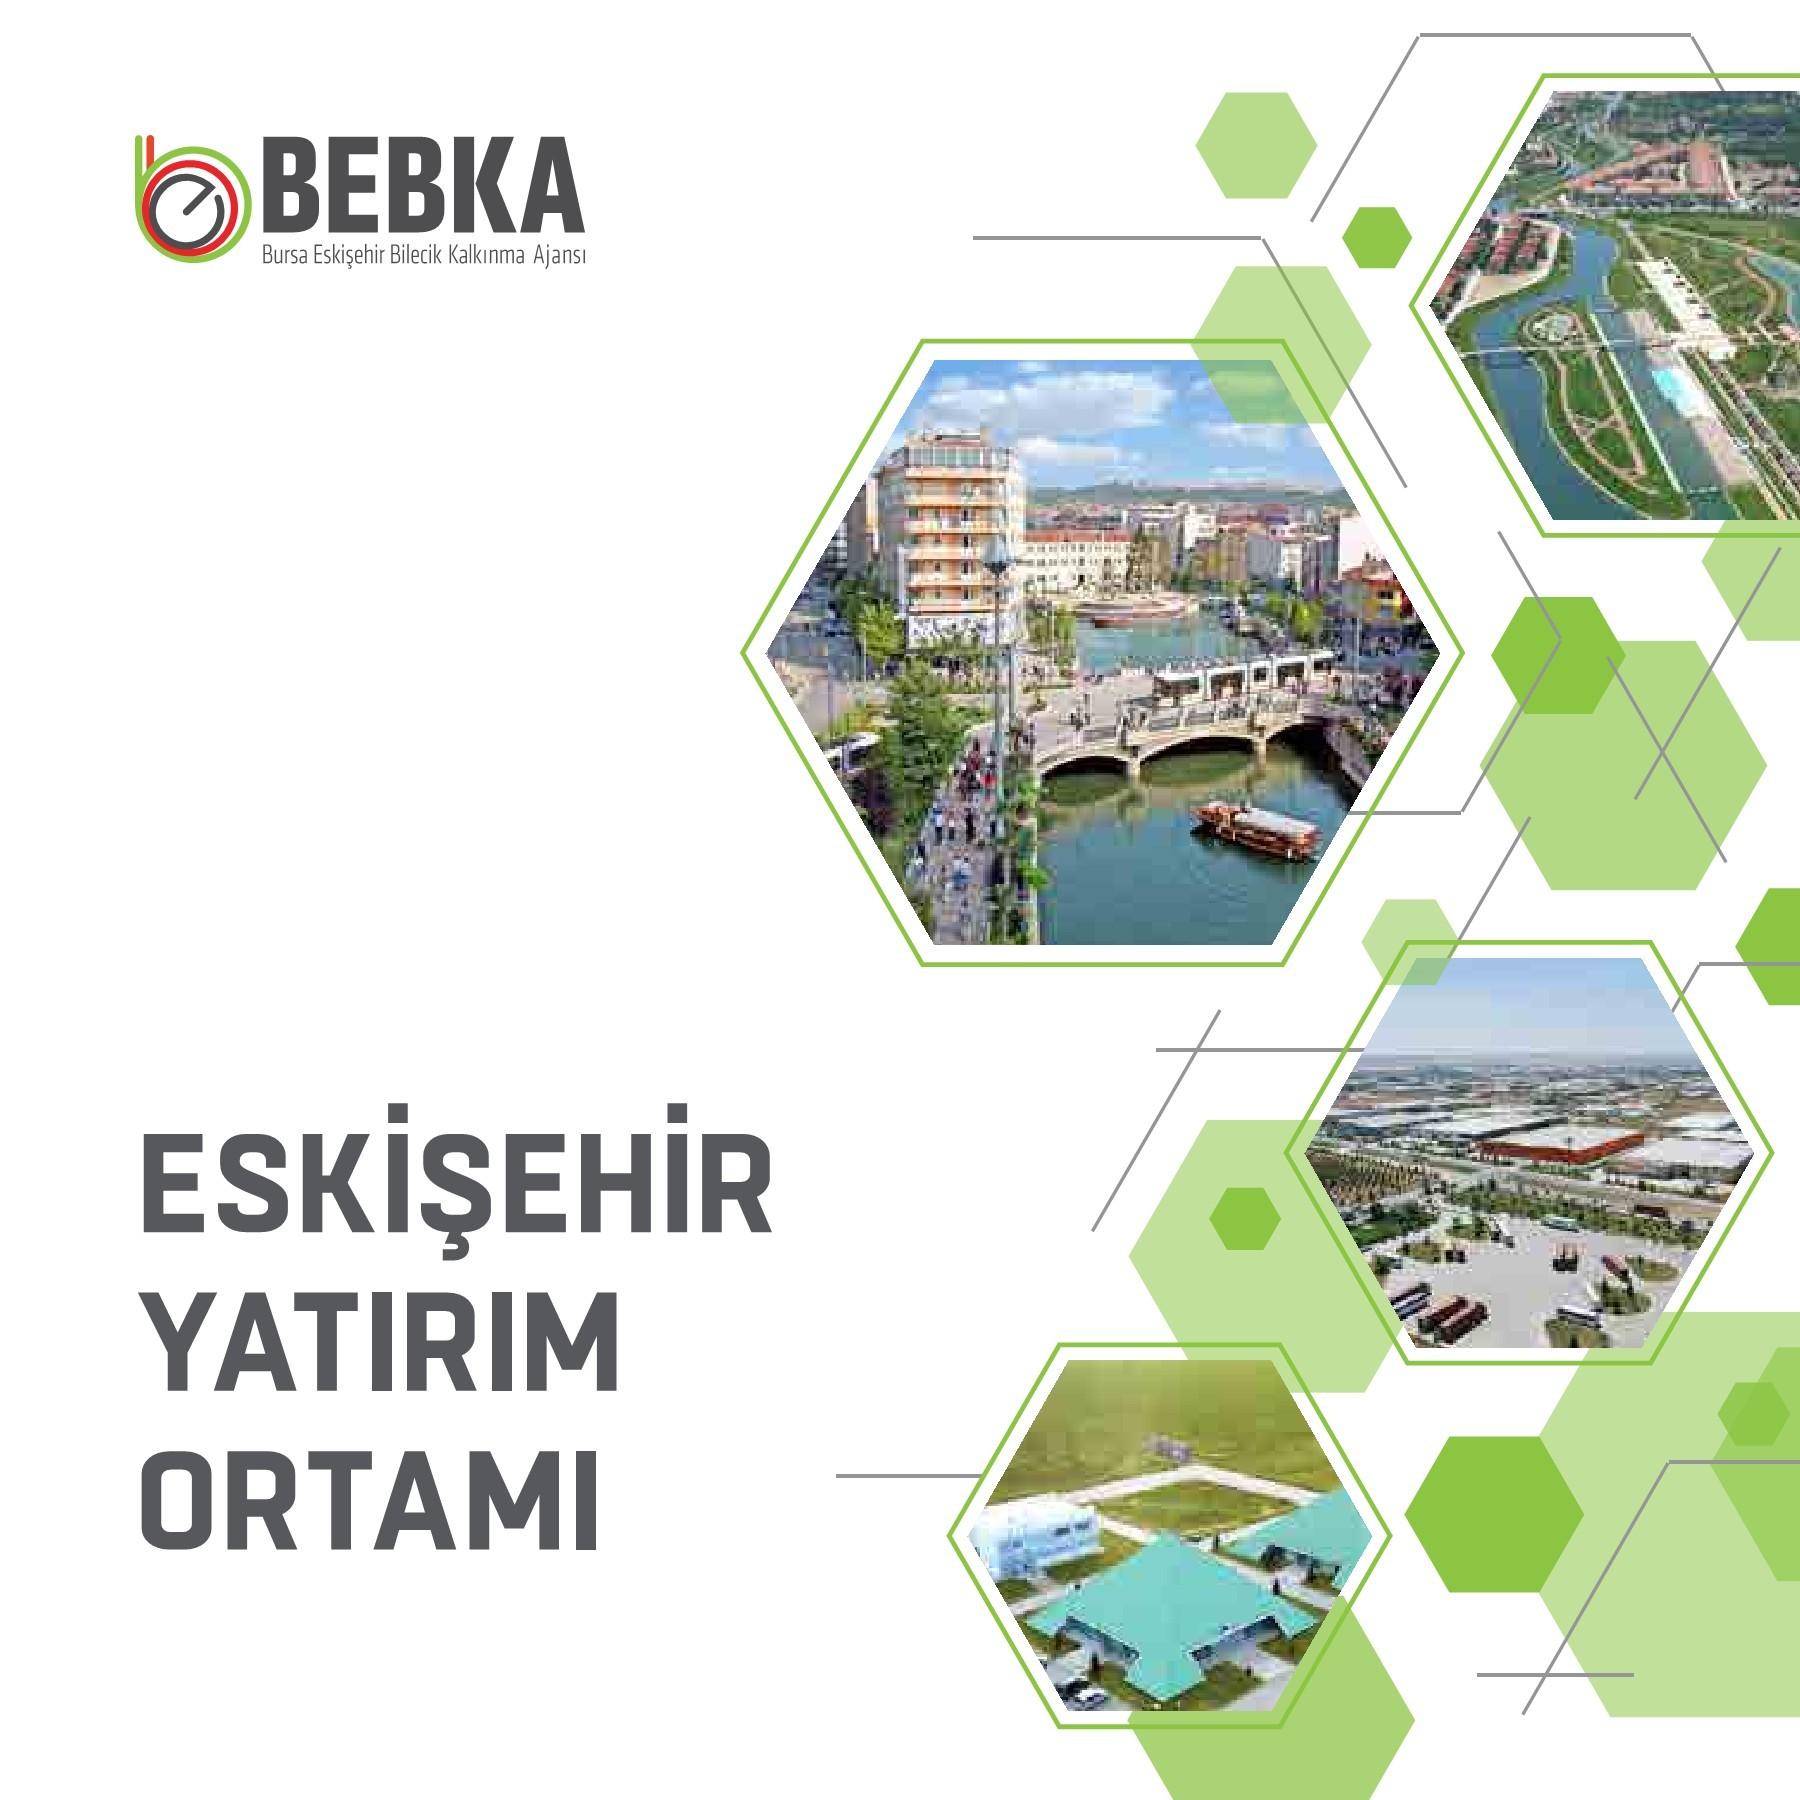 2017 Eskişehir Yatırım Ortamı